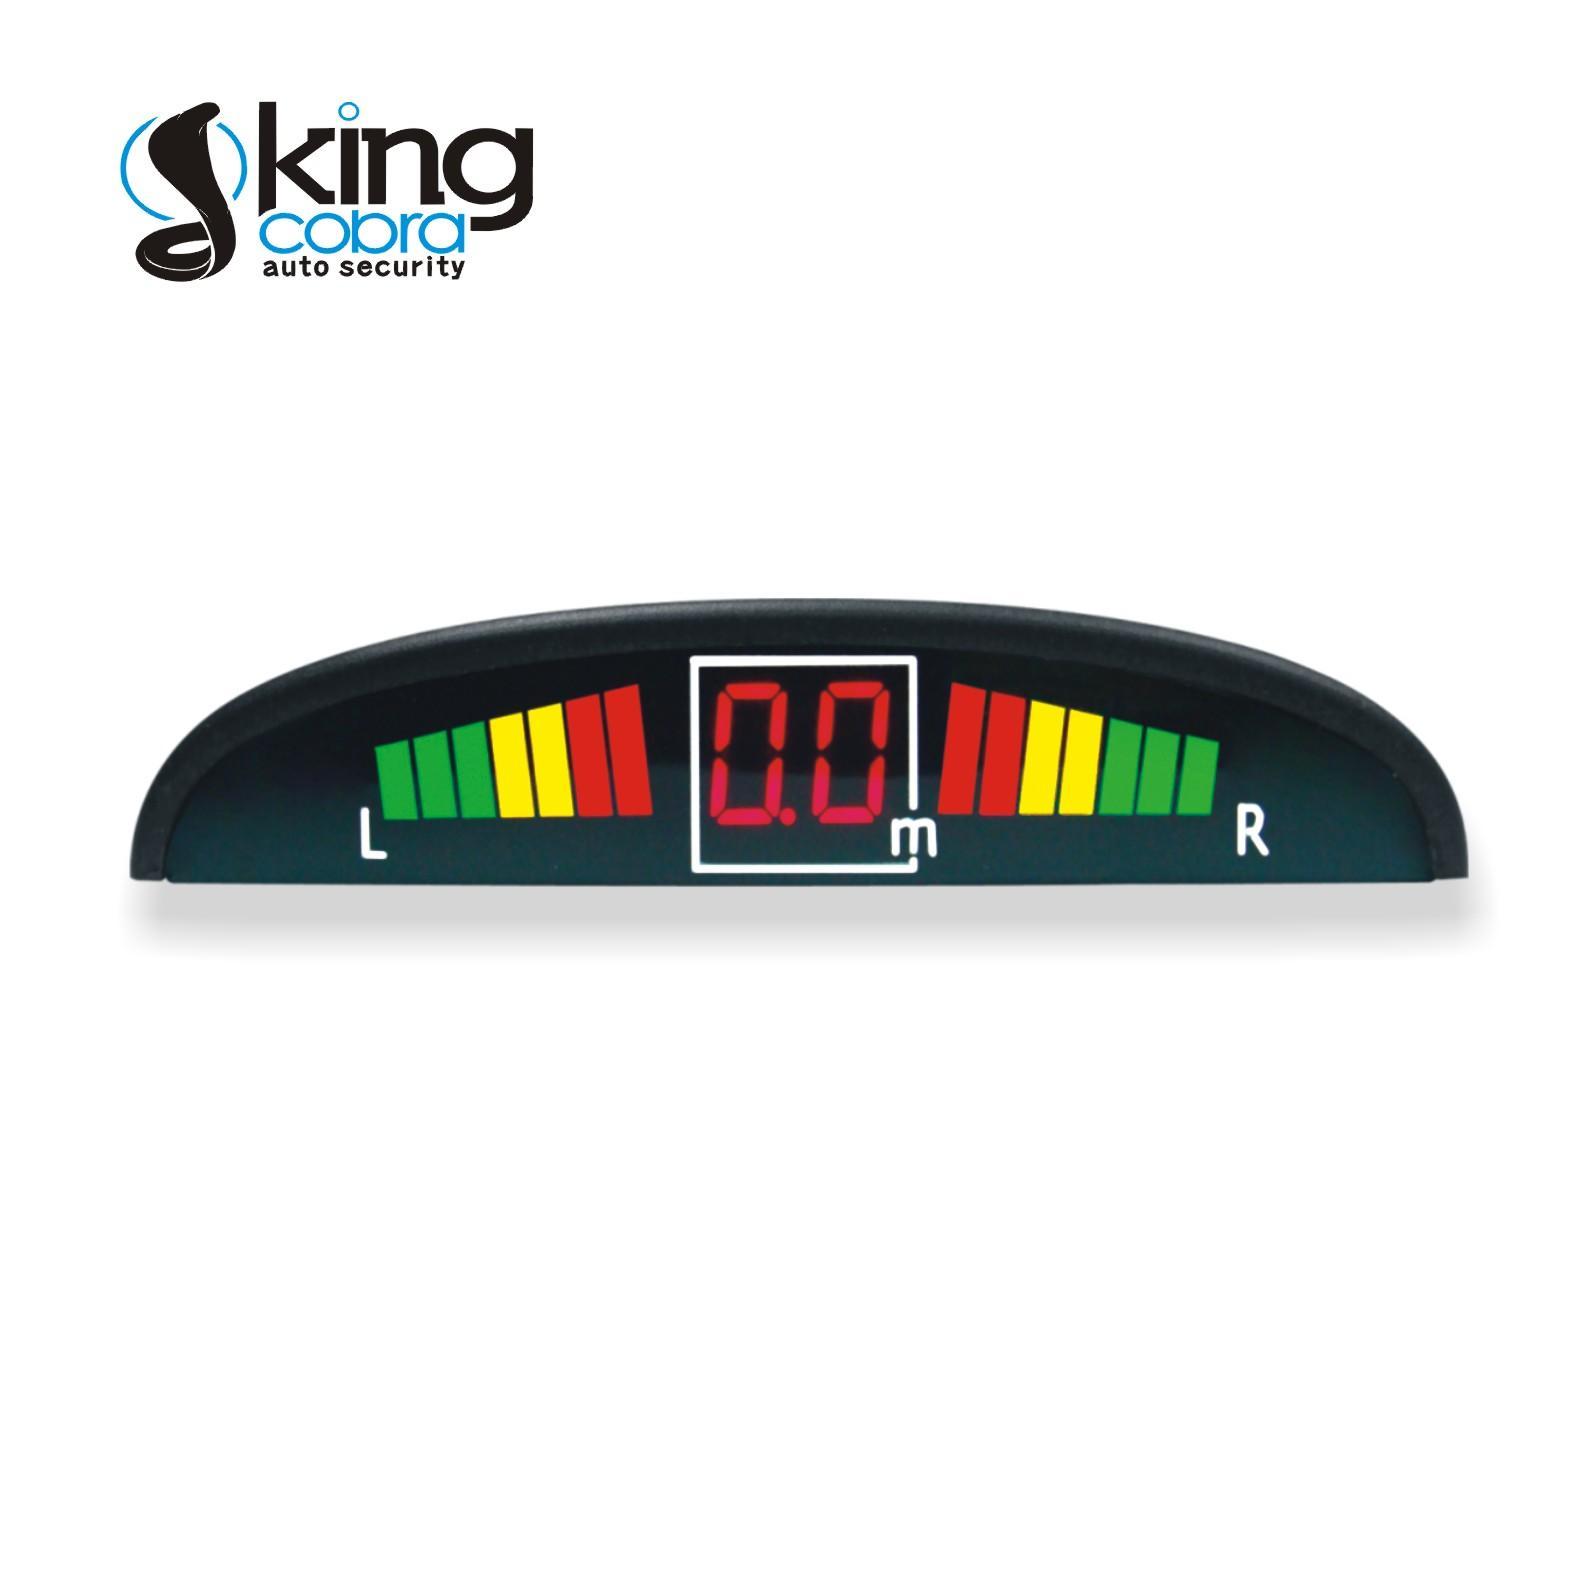 Kingcobra parking sensors manufacturer for sale-1